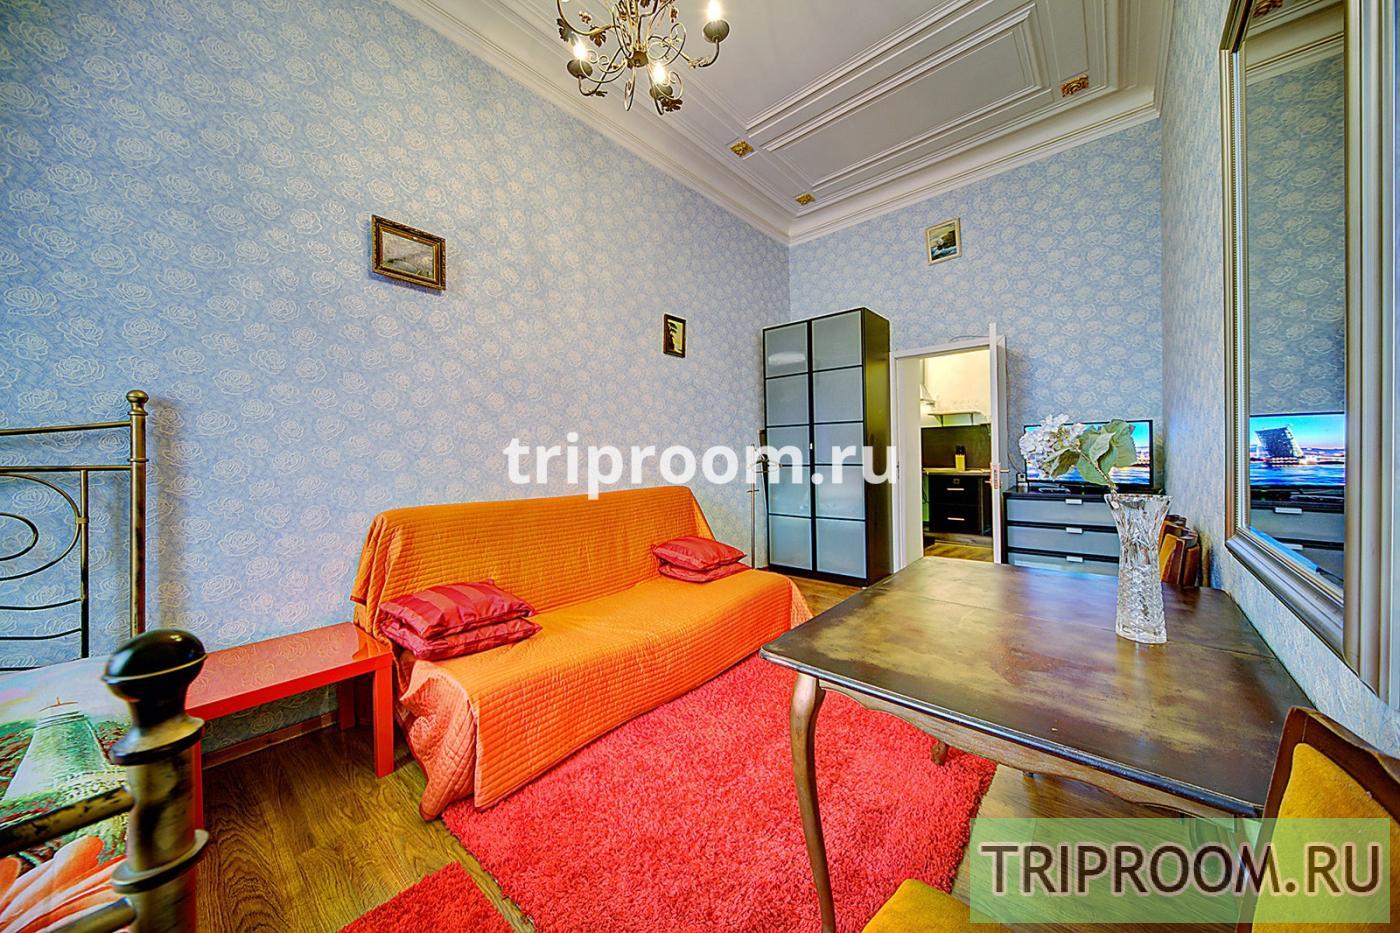 1-комнатная квартира посуточно (вариант № 15424), ул. Итальянская улица, фото № 6